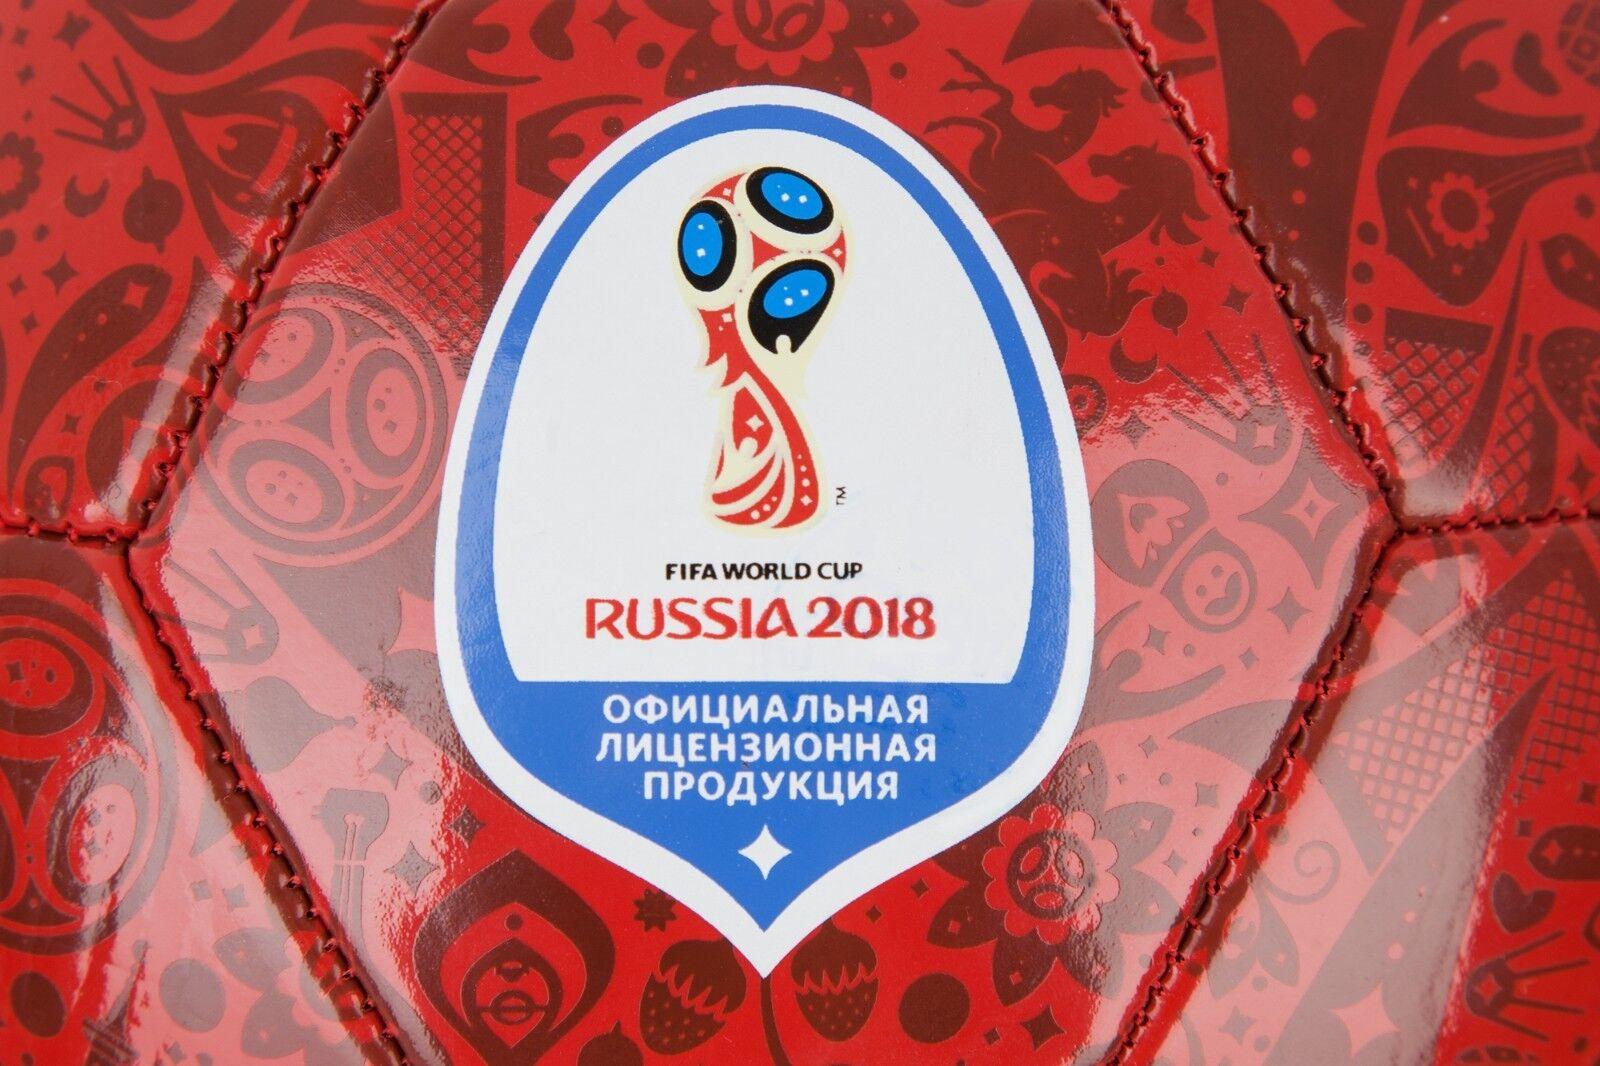 2018 FIFA WORLD CUP SOCCER BALL BIG RUSSIA ZABIVAKA ZABIVAKA ZABIVAKA SOUVENIR dd841f